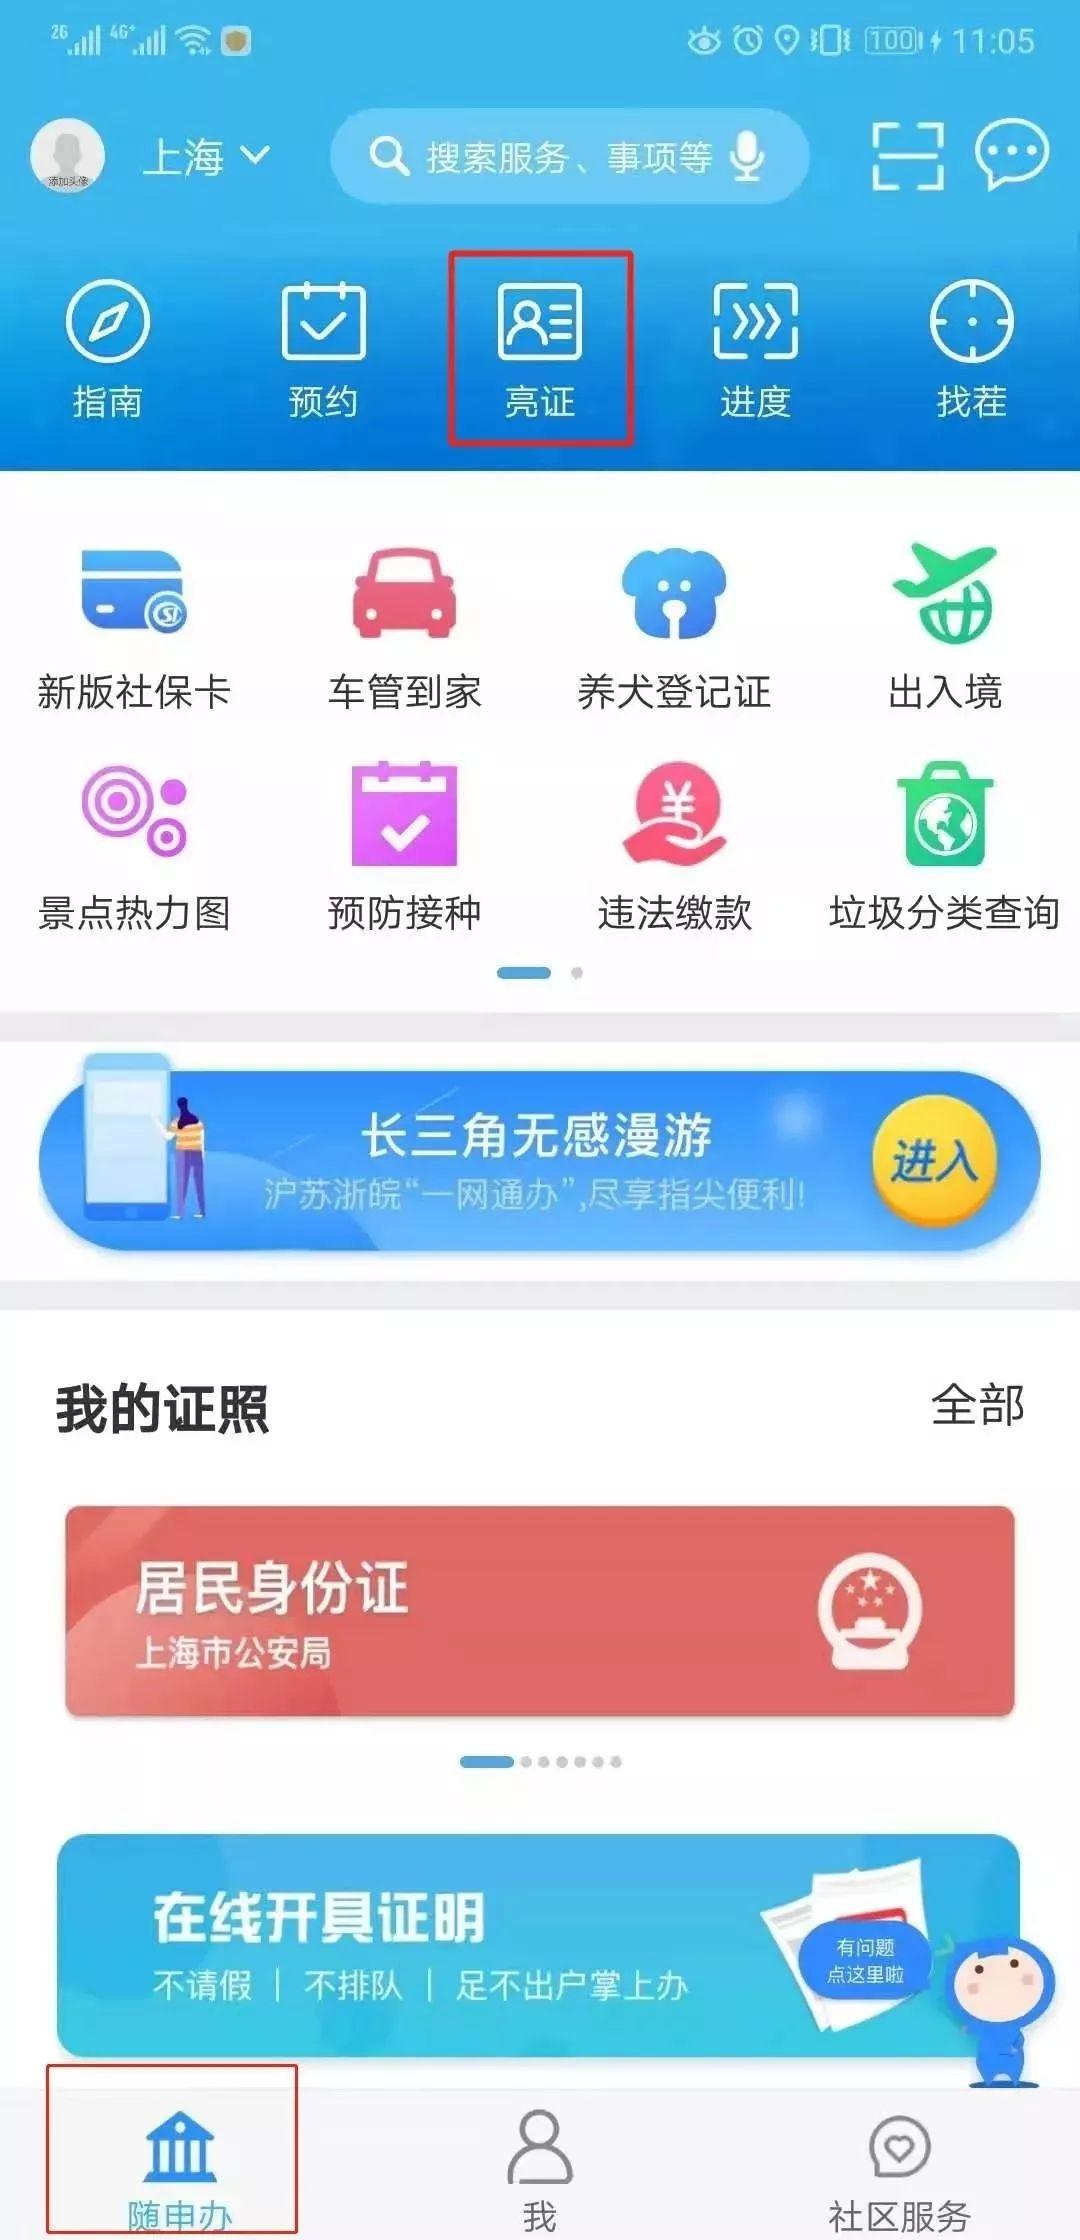 """【便民】代办业务也能手机""""亮证""""!攻略在"""